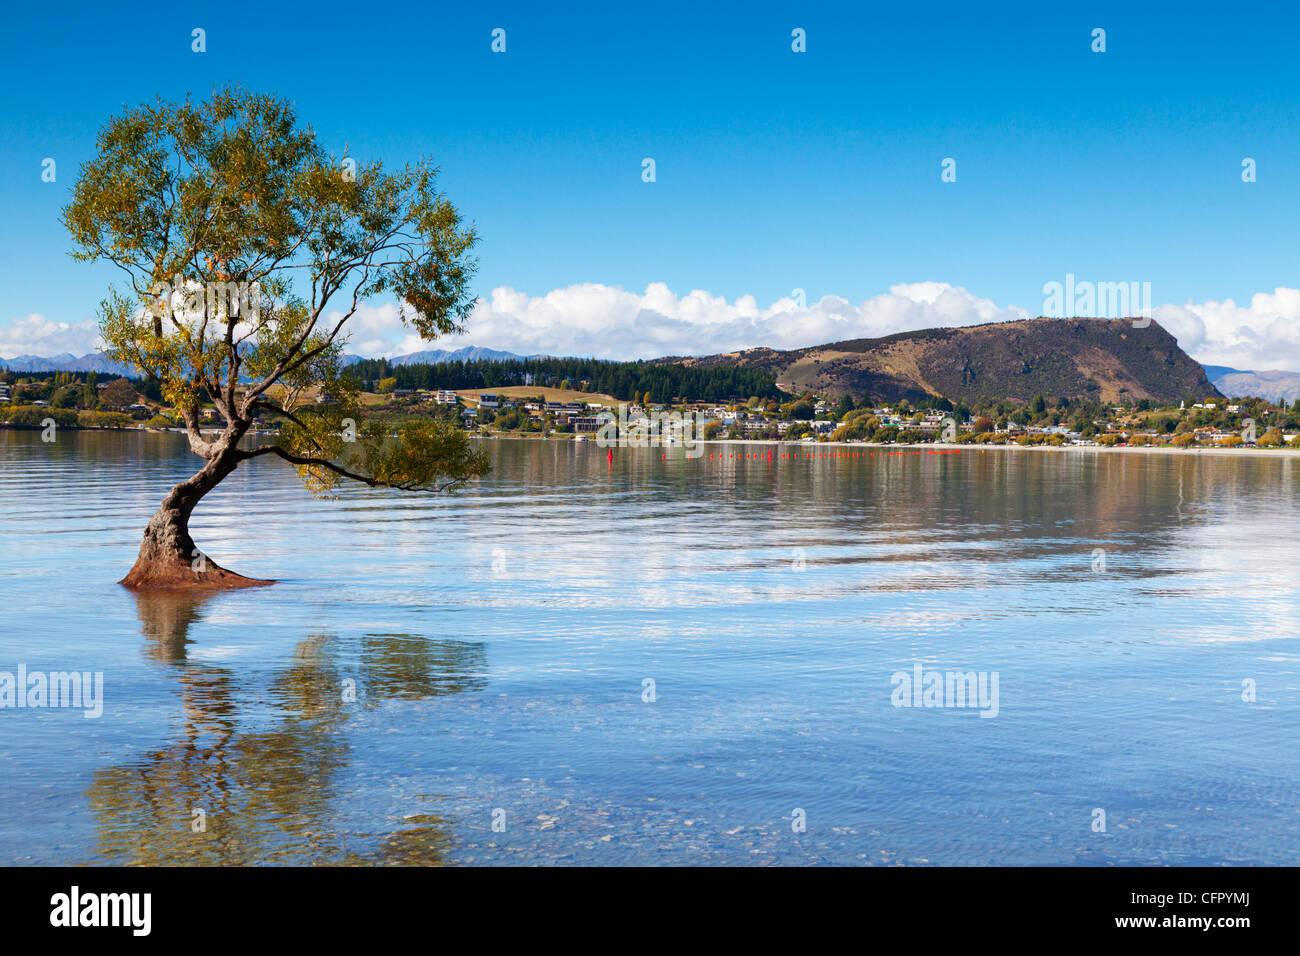 Nel tardo pomeriggio presso il lago Wanaka, Otago, Nuova Zelanda. Immagini Stock